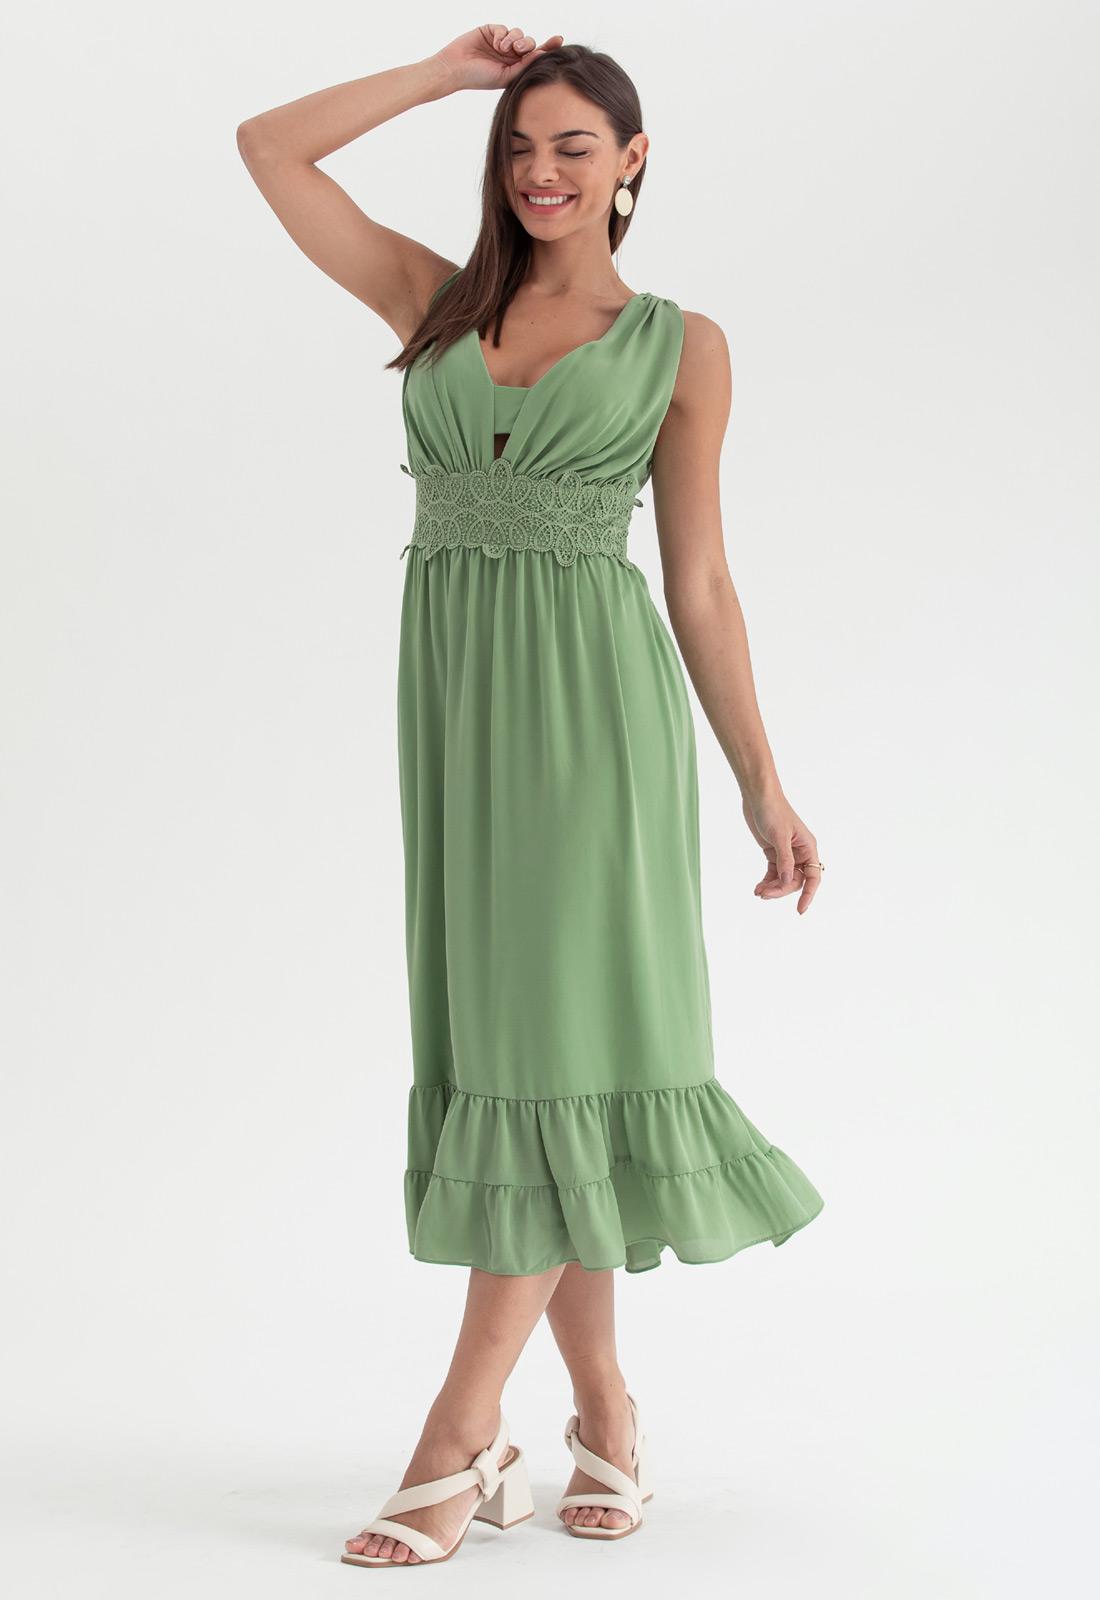 Vestido de festa midi verde - Ref. 2691